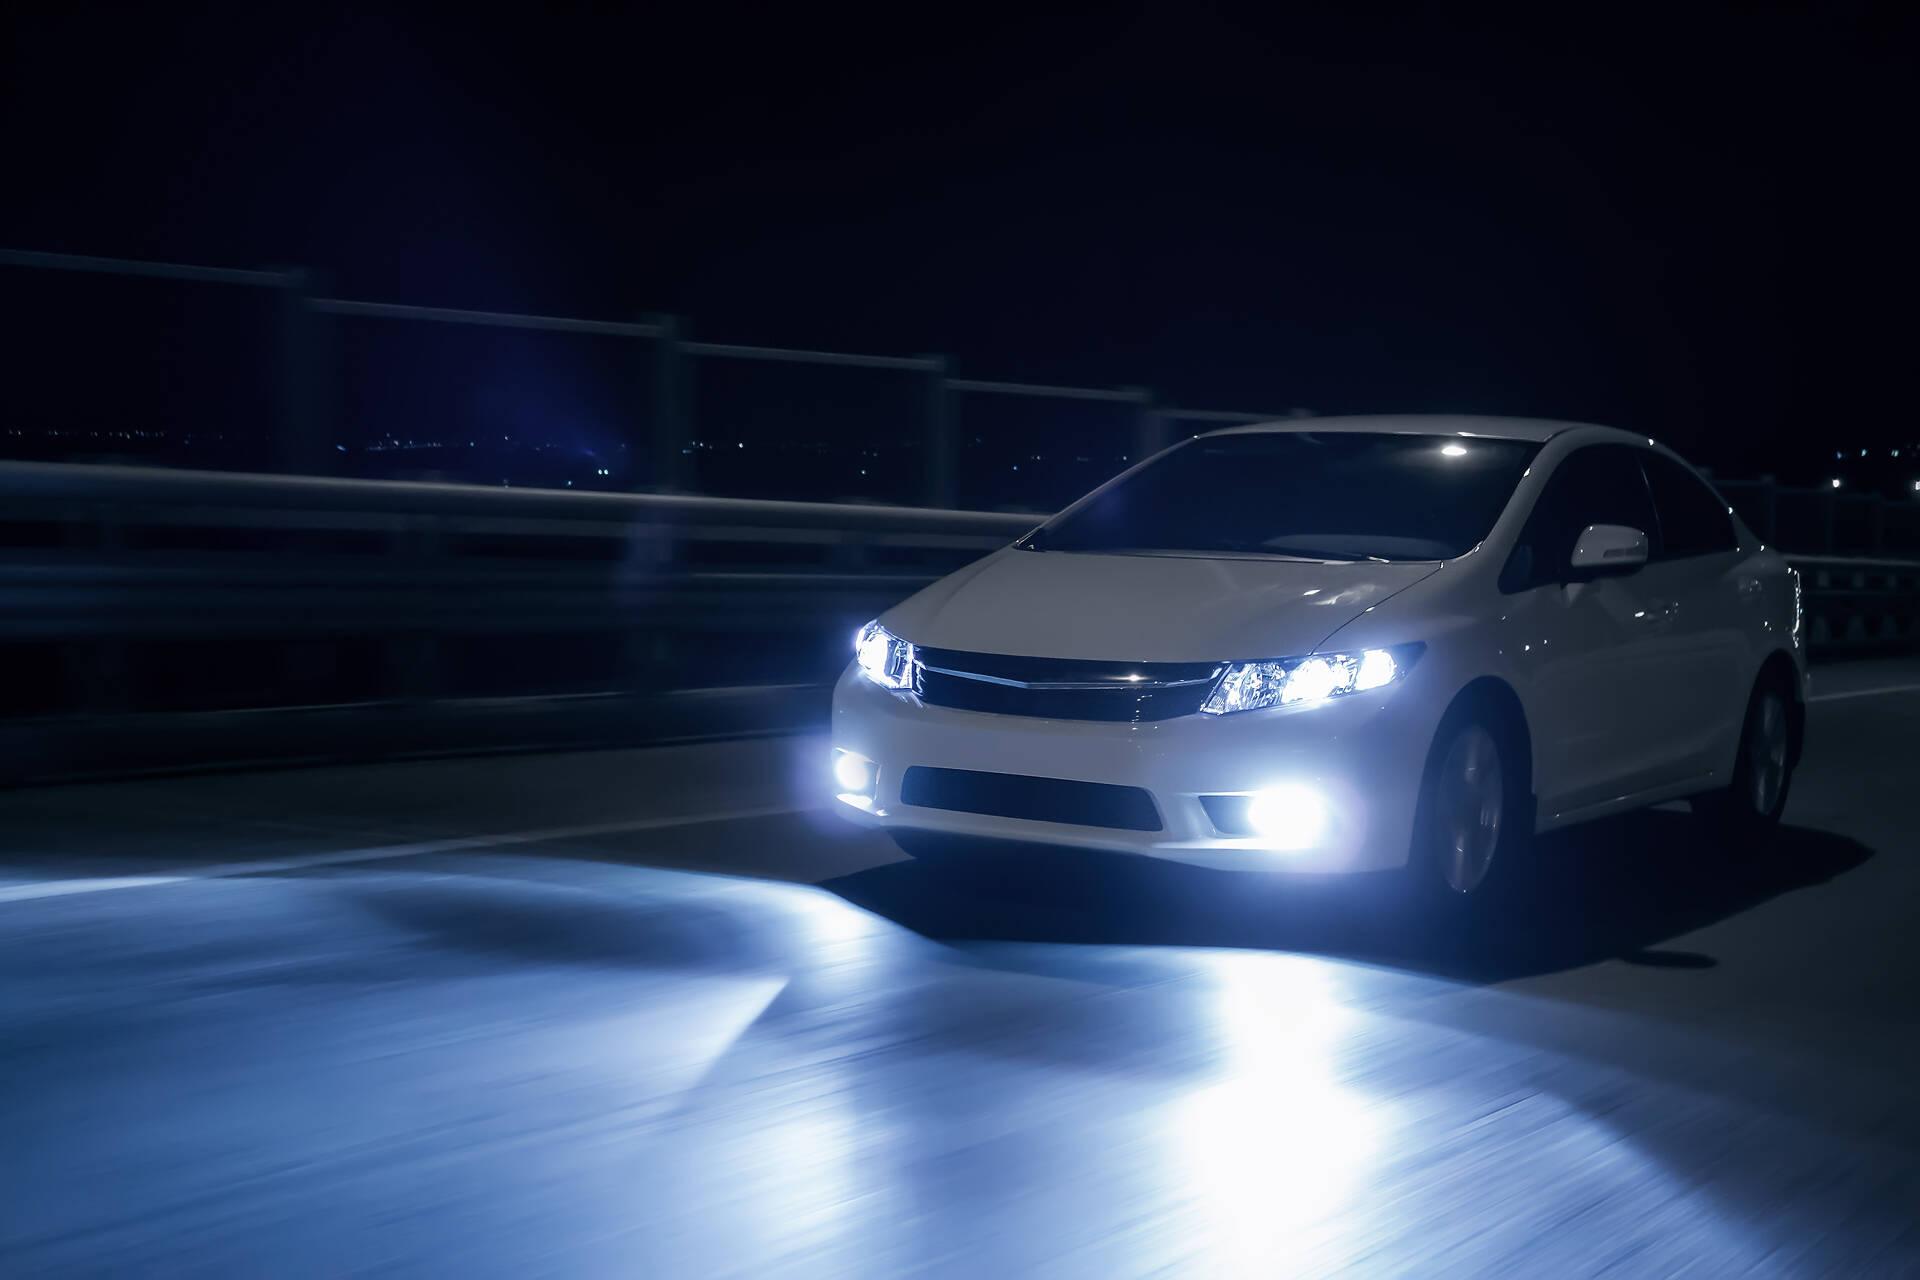 Porówneo: Reflektory adaptacyjne w samochodach – czym są i jak działają?